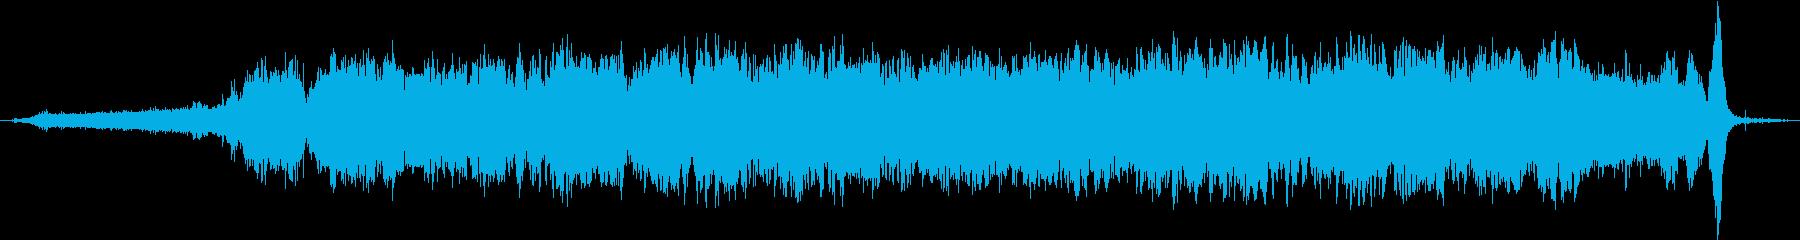 電気ケトル:ヘビーコンスタントホイ...の再生済みの波形